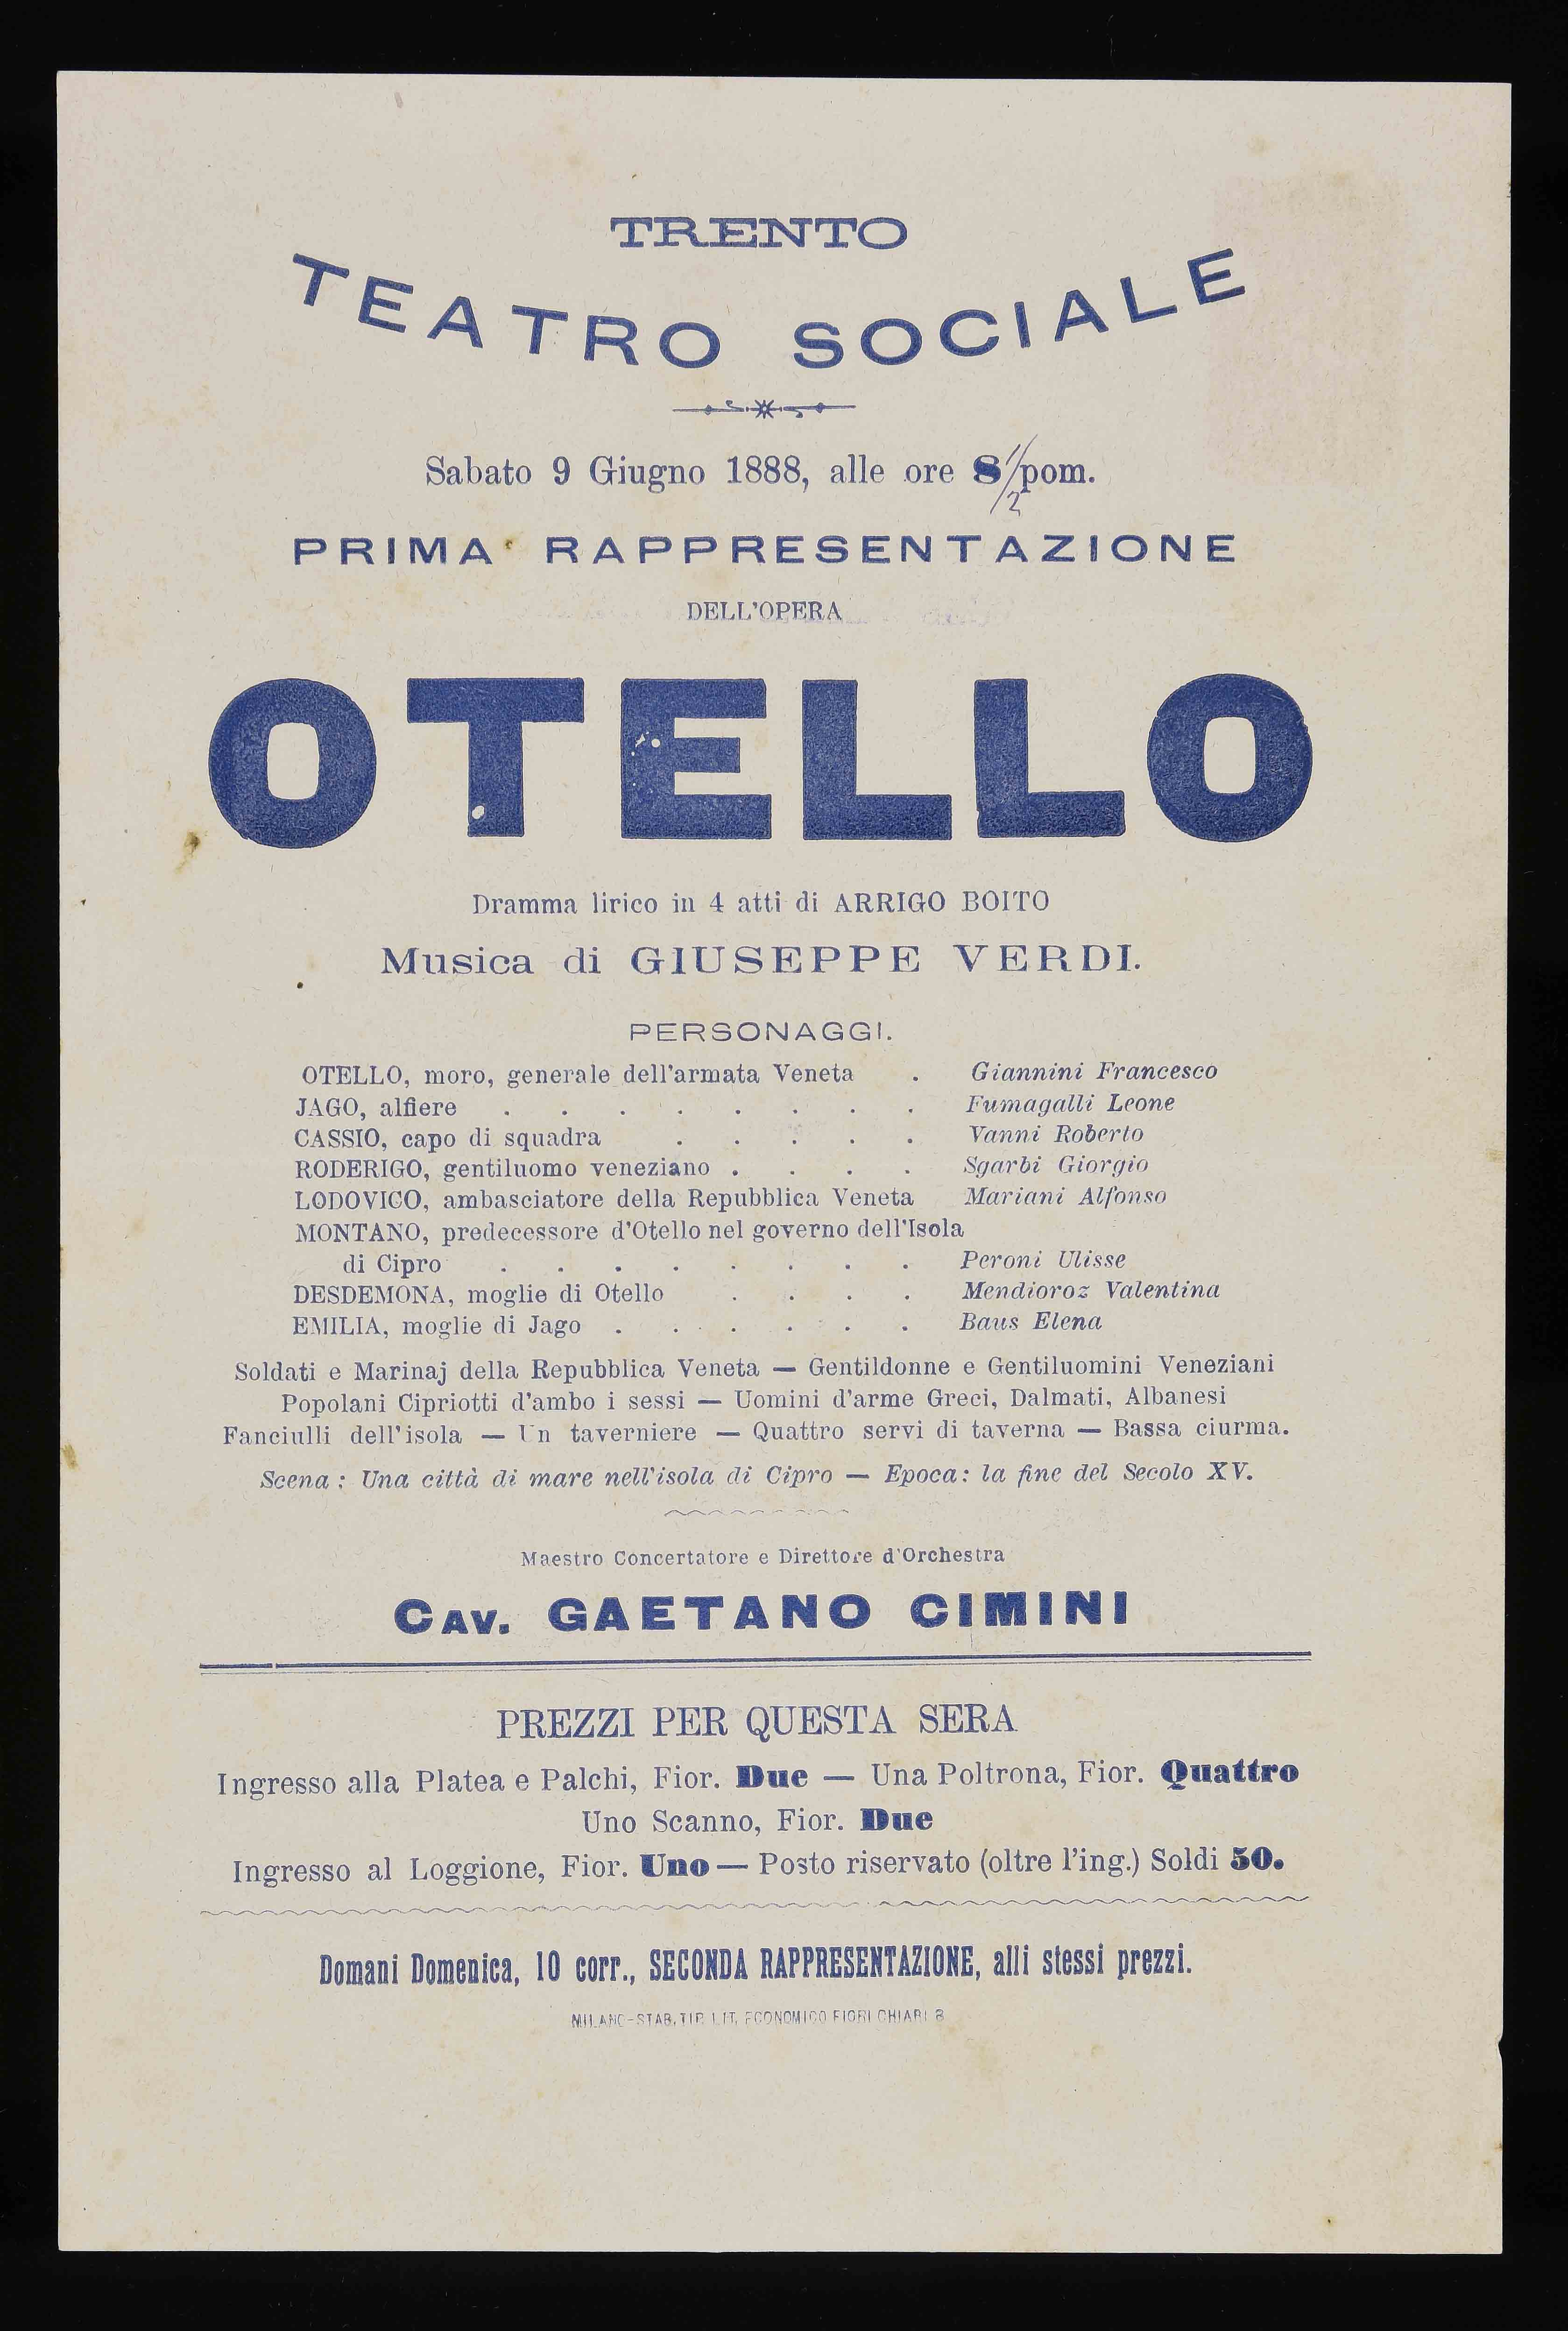 Fiori Chiari 9.File Trento Teatro Sociale Sabato 9 Giugno 1888 Alle Ore 8 Pom